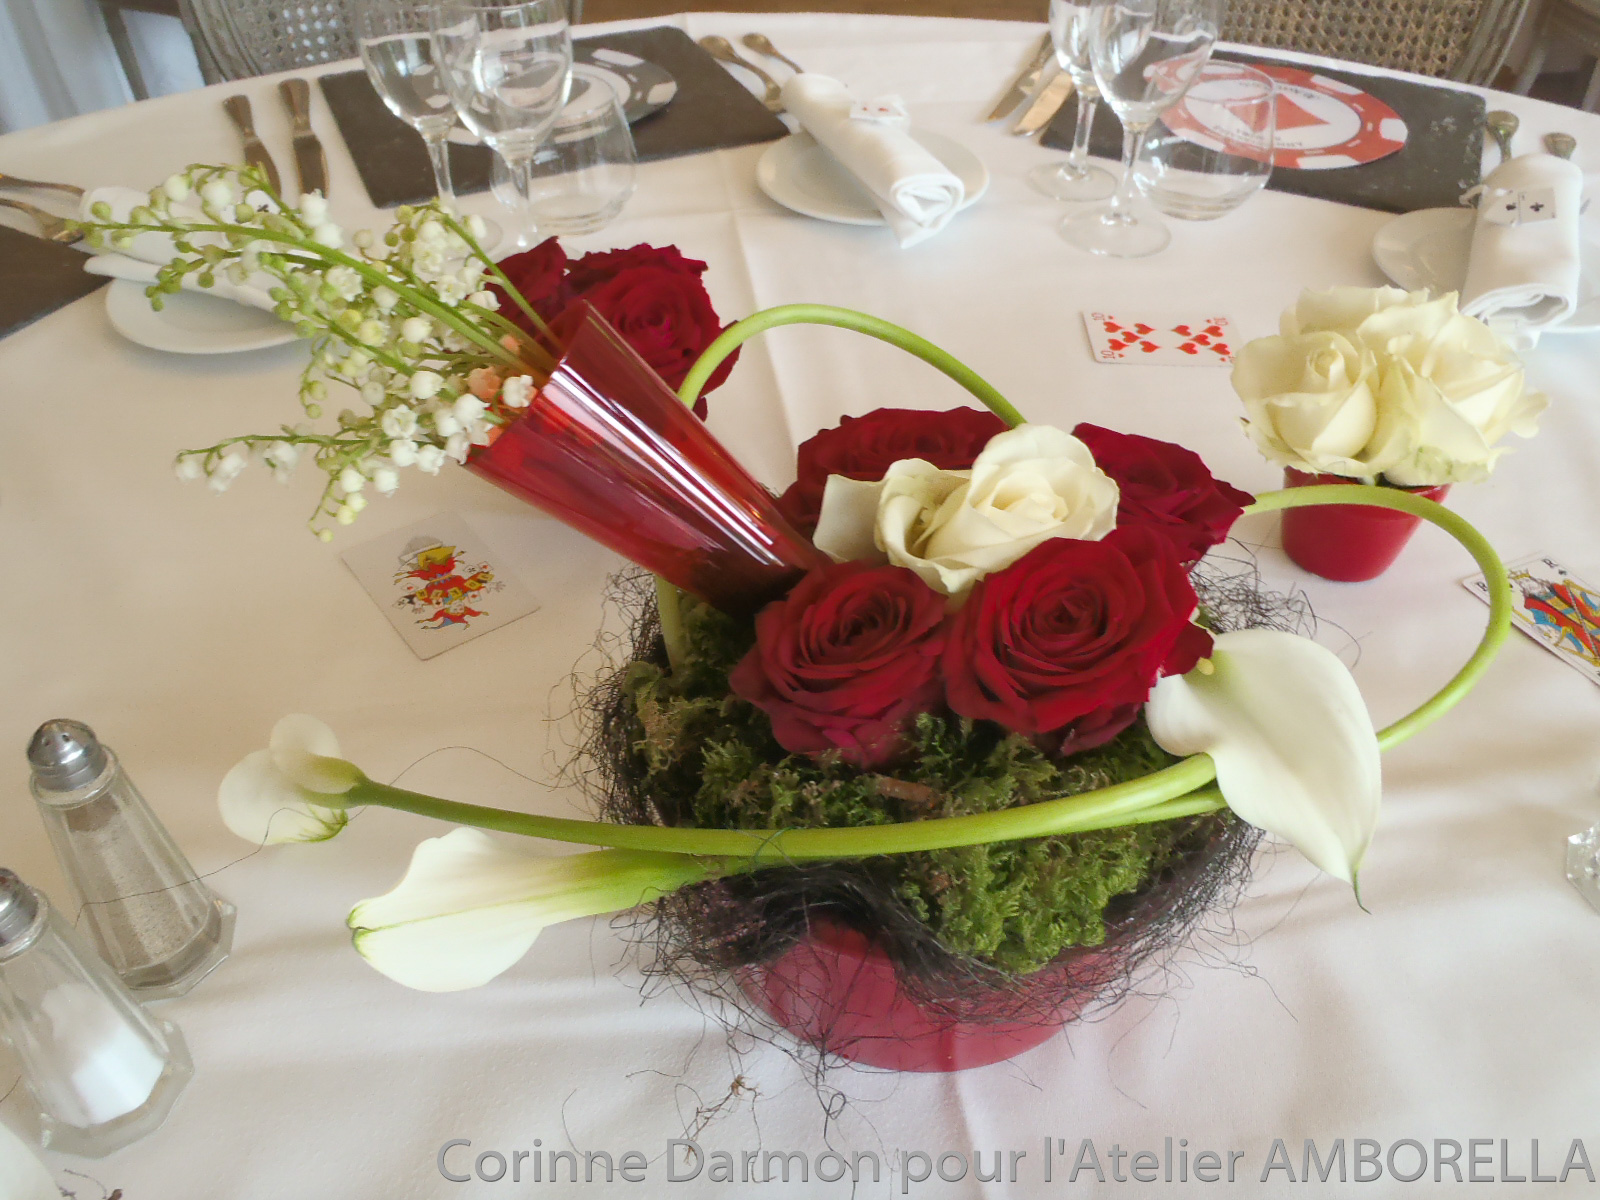 Bouquet de fleur pour table de mariage meilleur blog de photos de mariage pour vous - Bouquet de fleurs pour table mariage ...